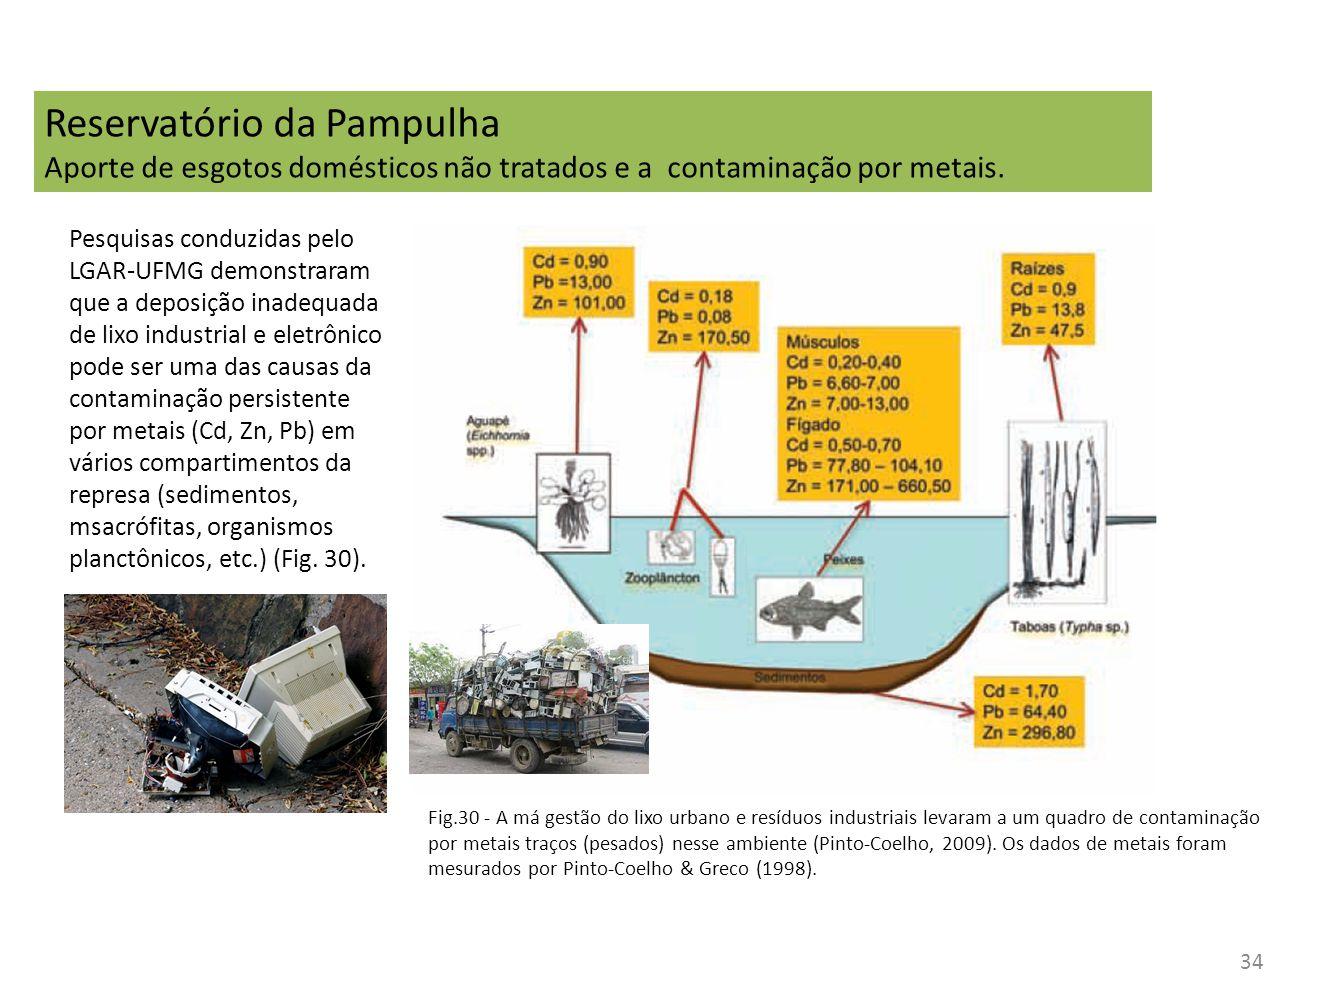 34 Fig.30 - A má gestão do lixo urbano e resíduos industriais levaram a um quadro de contaminação por metais traços (pesados) nesse ambiente (Pinto-Co